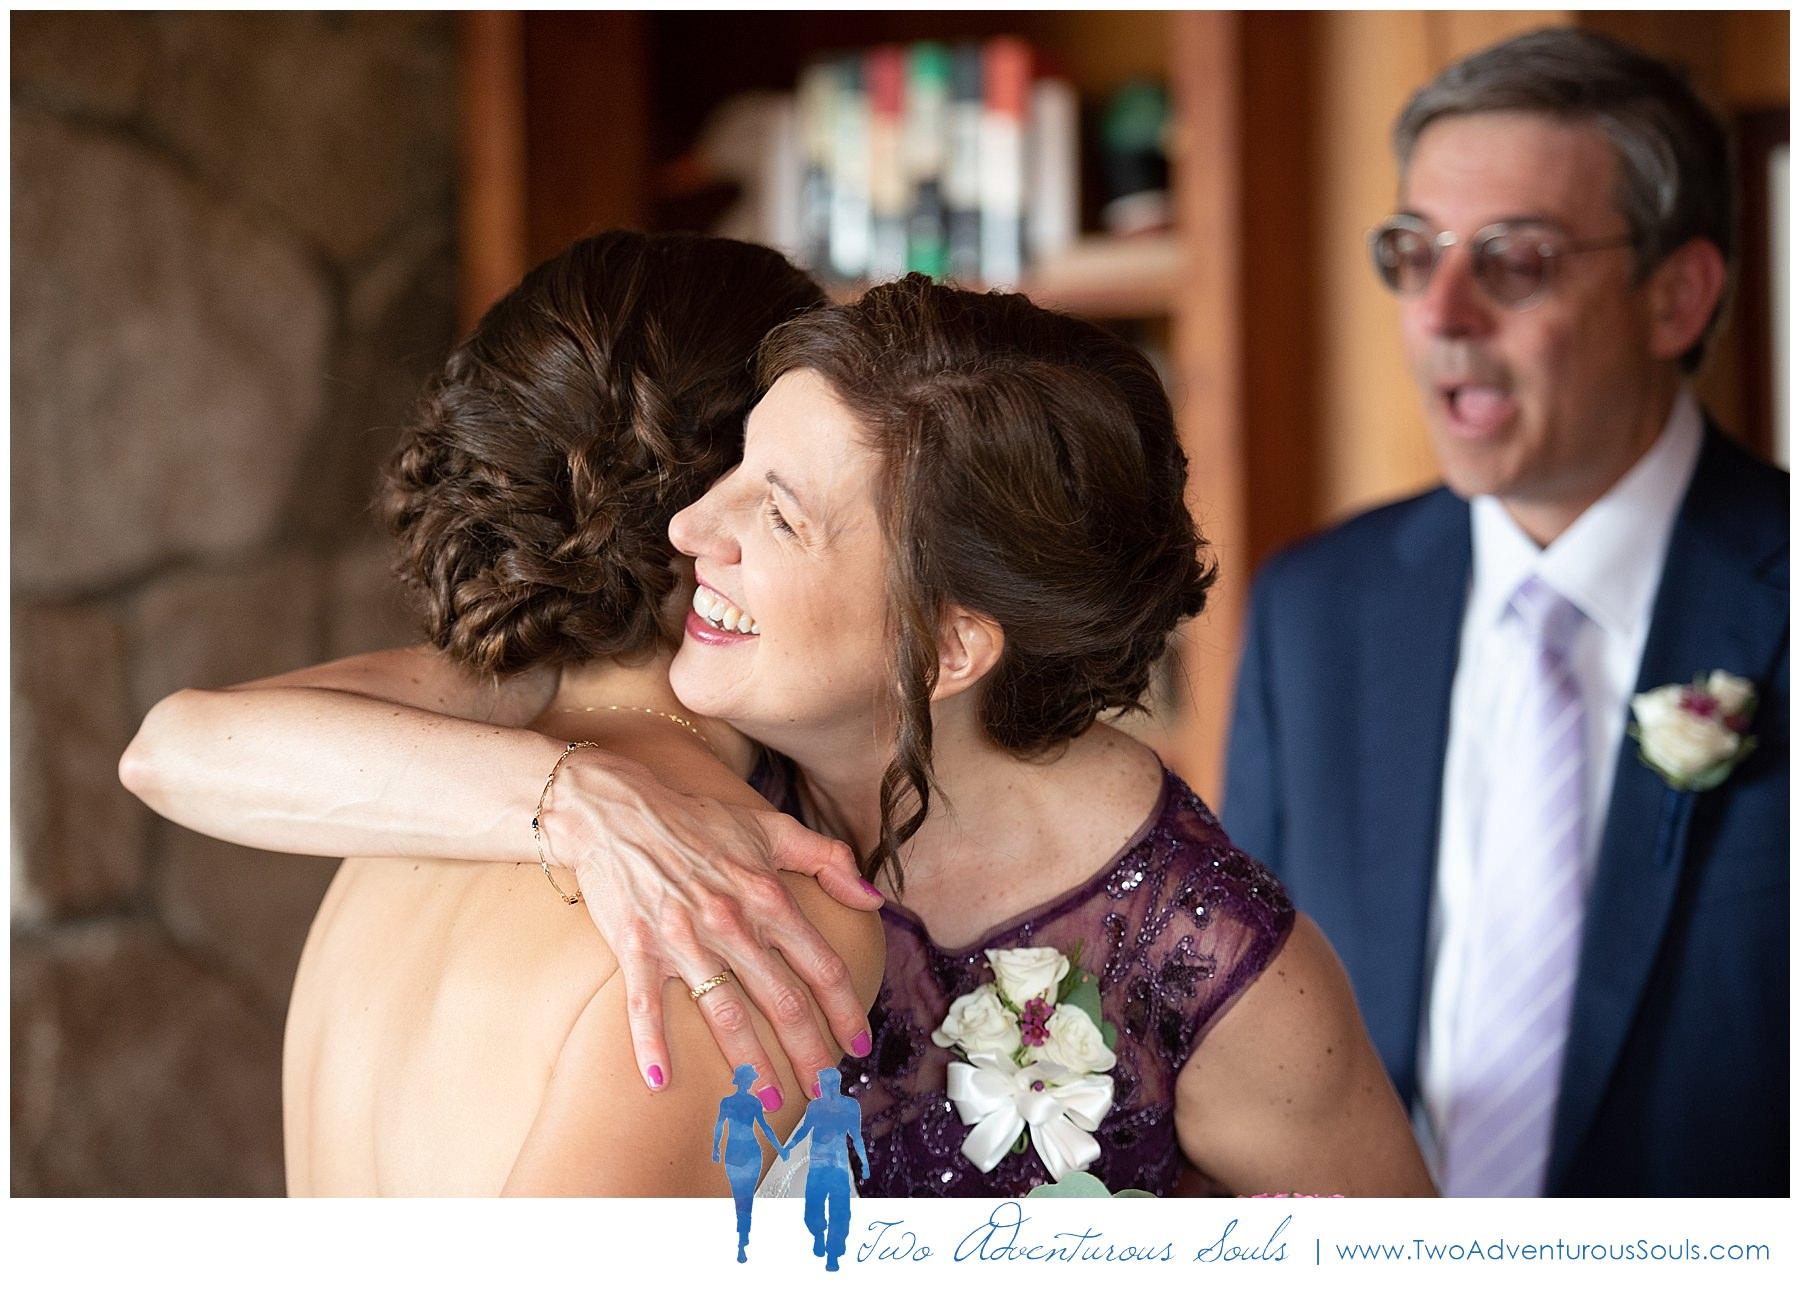 Maine Wedding Photographers, Granite Ridge Estate Wedding Photographers, Two Adventurous Souls - 080319_0023.jpg